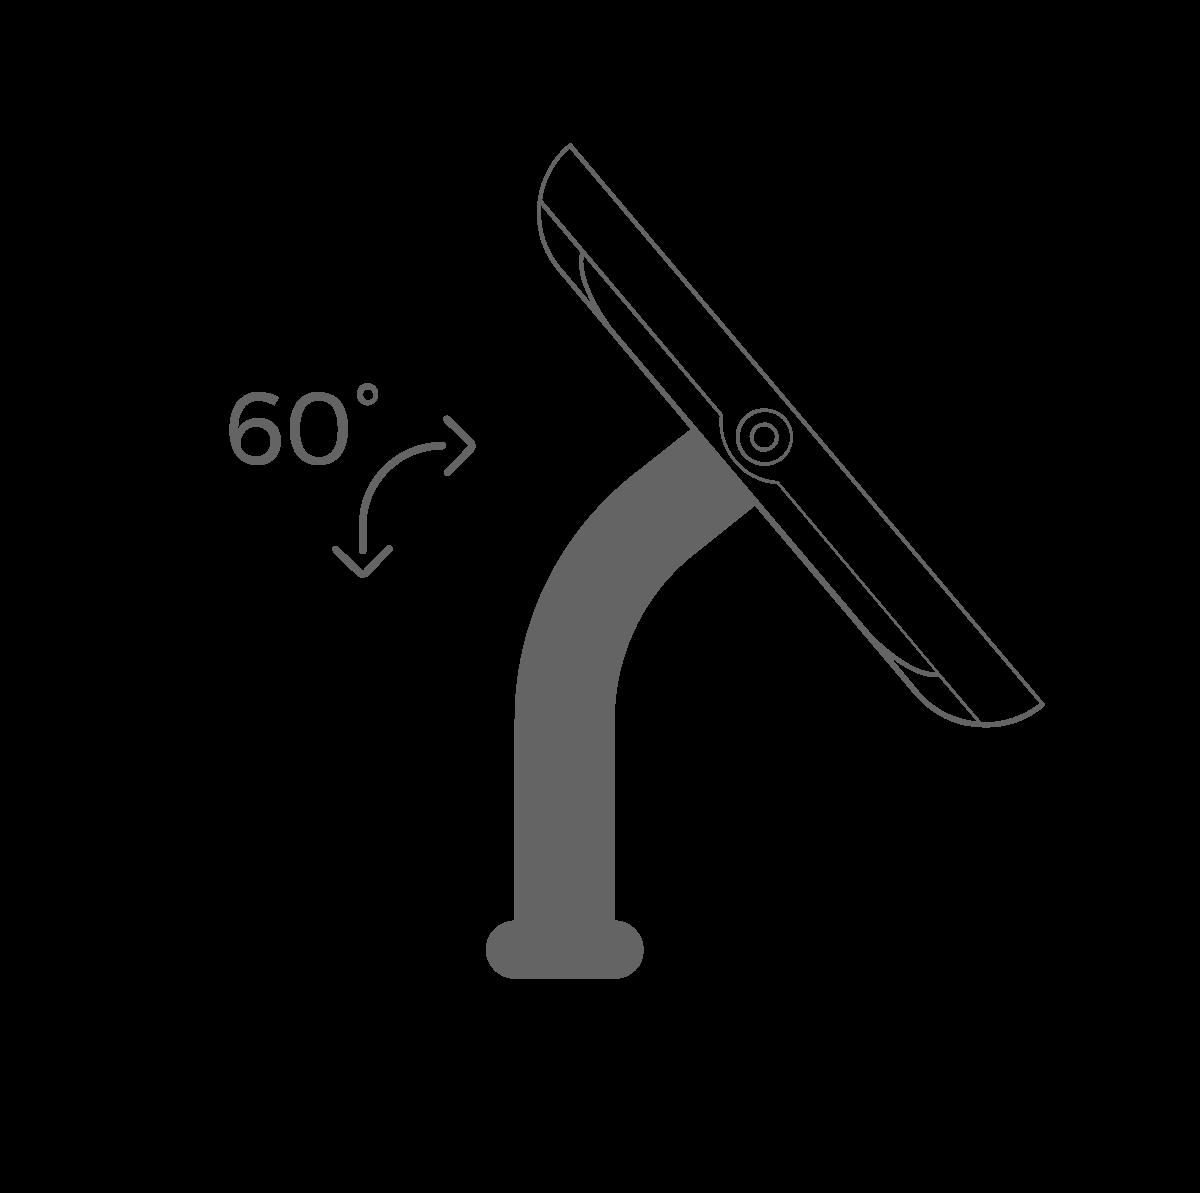 Jacloc Desk 60